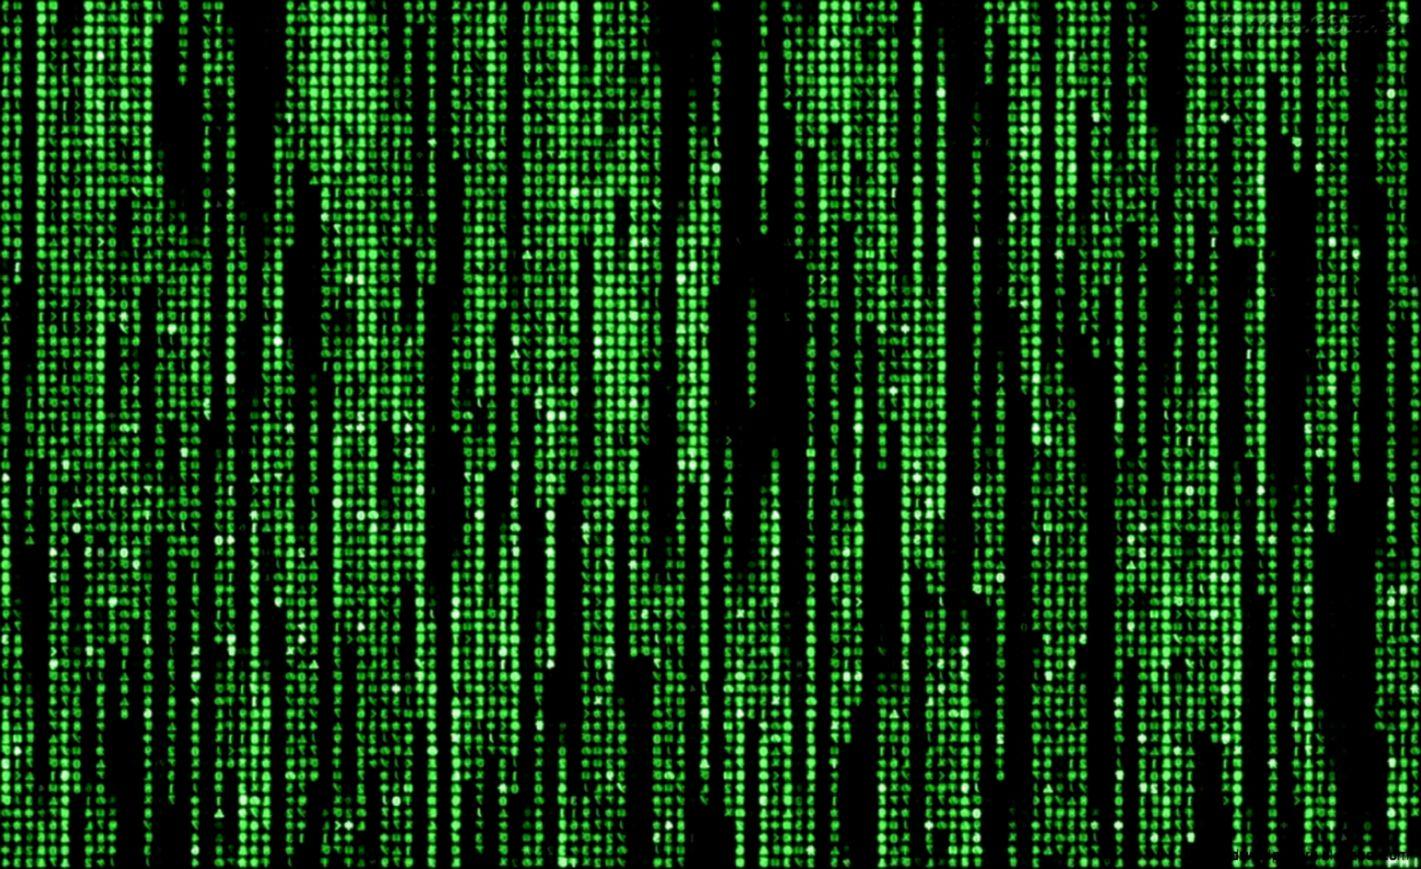 live matrix wallpaper  The Matrix Live Wallpaper | HD Wallpapers Collection